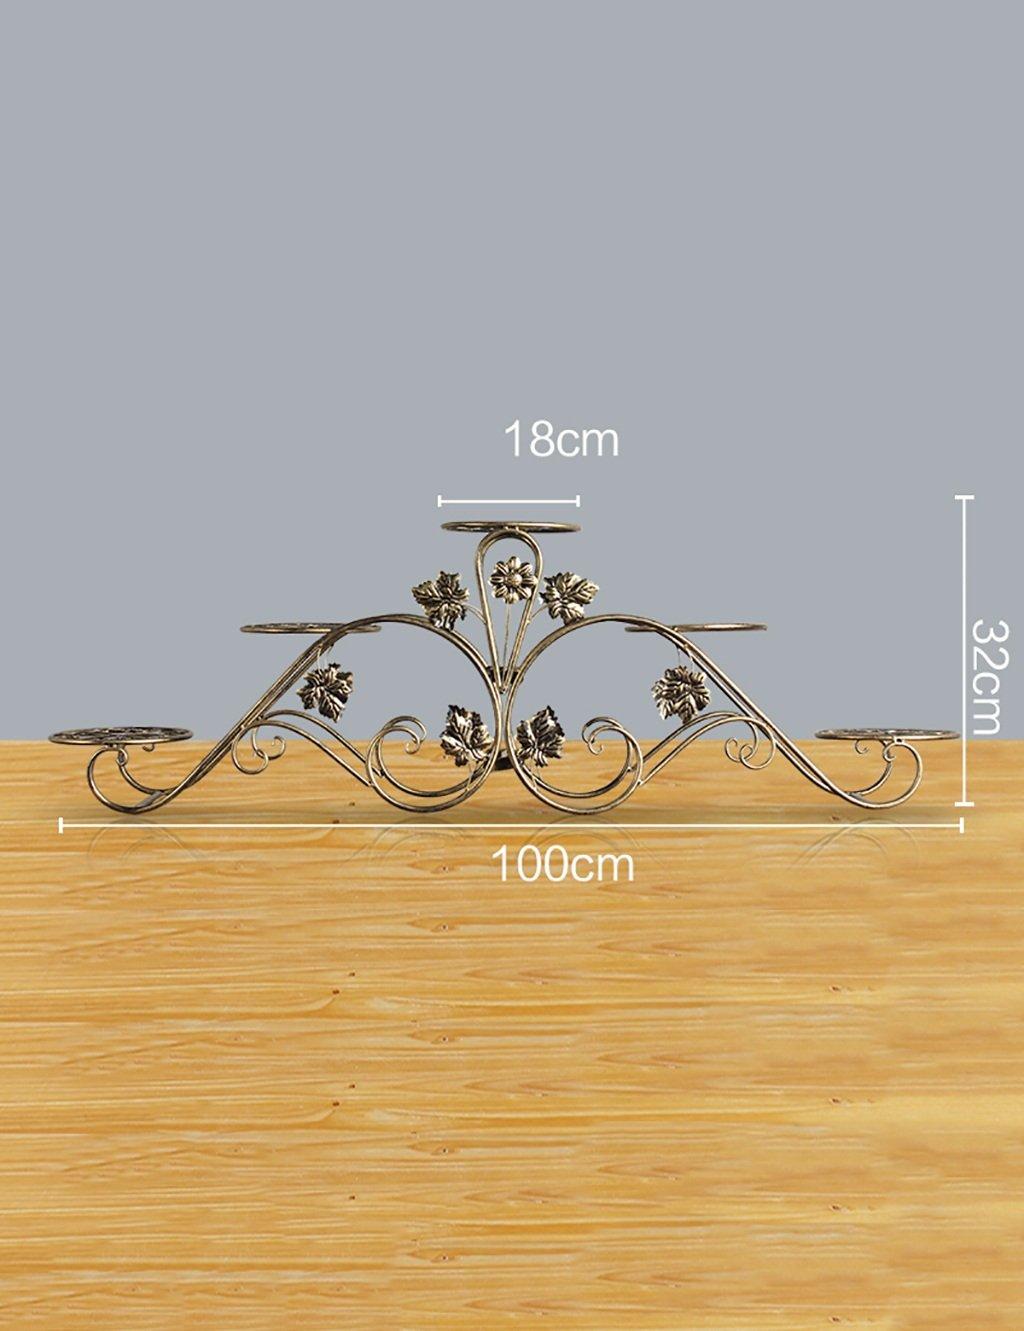 Europäische Art-Eisen-Blumen-Zahnstange Mehrgeschossiges Balkon-Versammlungs-Blumen-Zahnstange-Fußboden-Pflanzer-Regal-einfaches modernes Wohnzimmer-Innenblumen-Zahnstange ( farbe : B , größe : 1 )